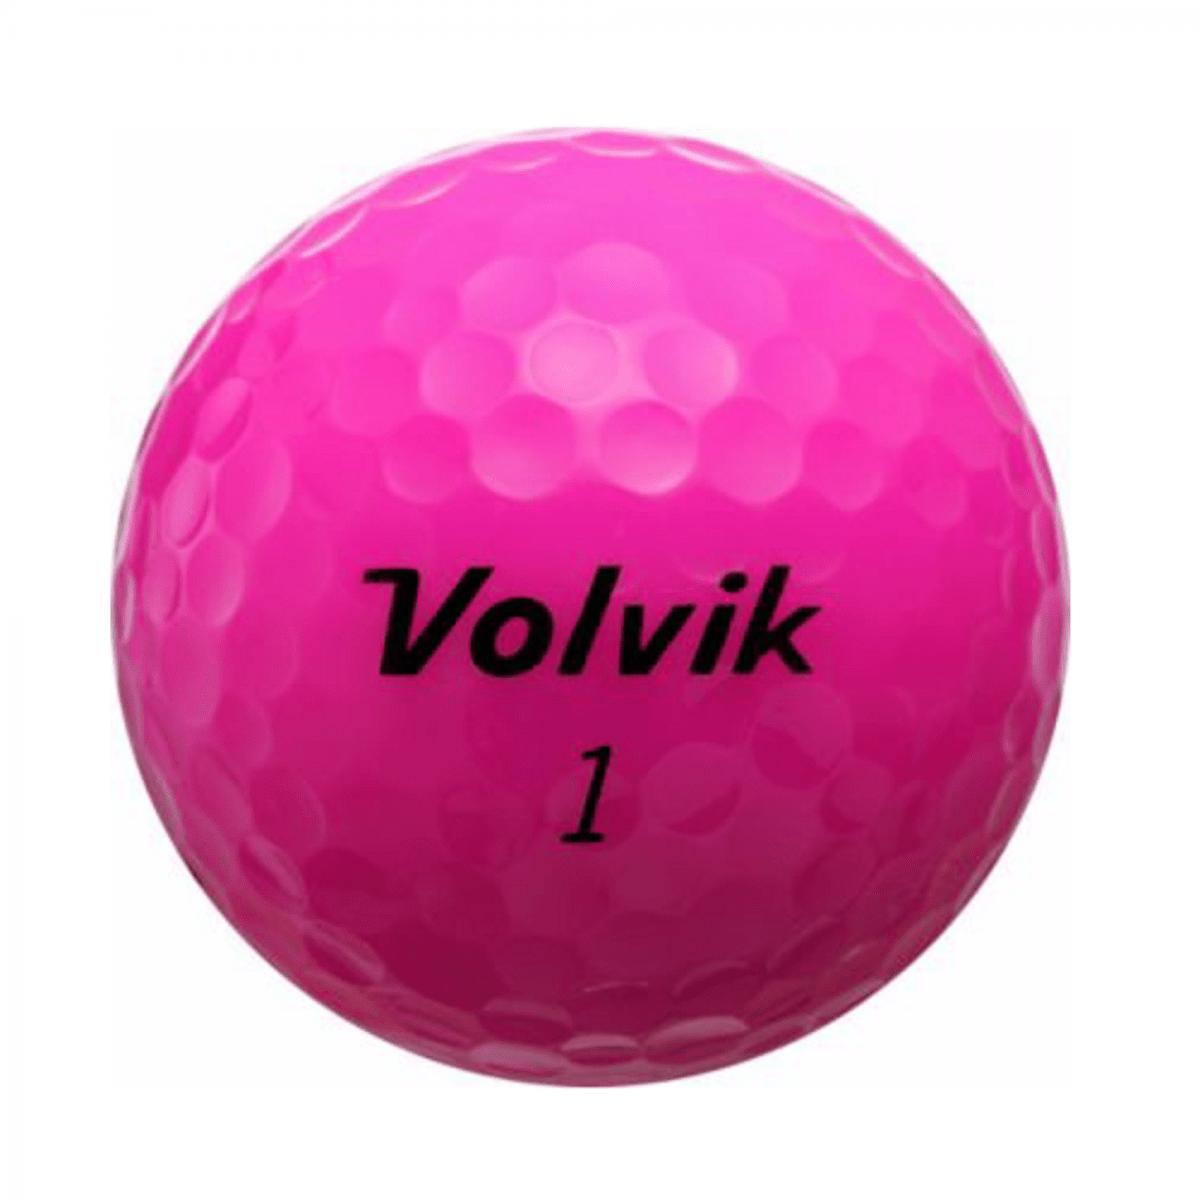 Volvik Distance Golf Ball